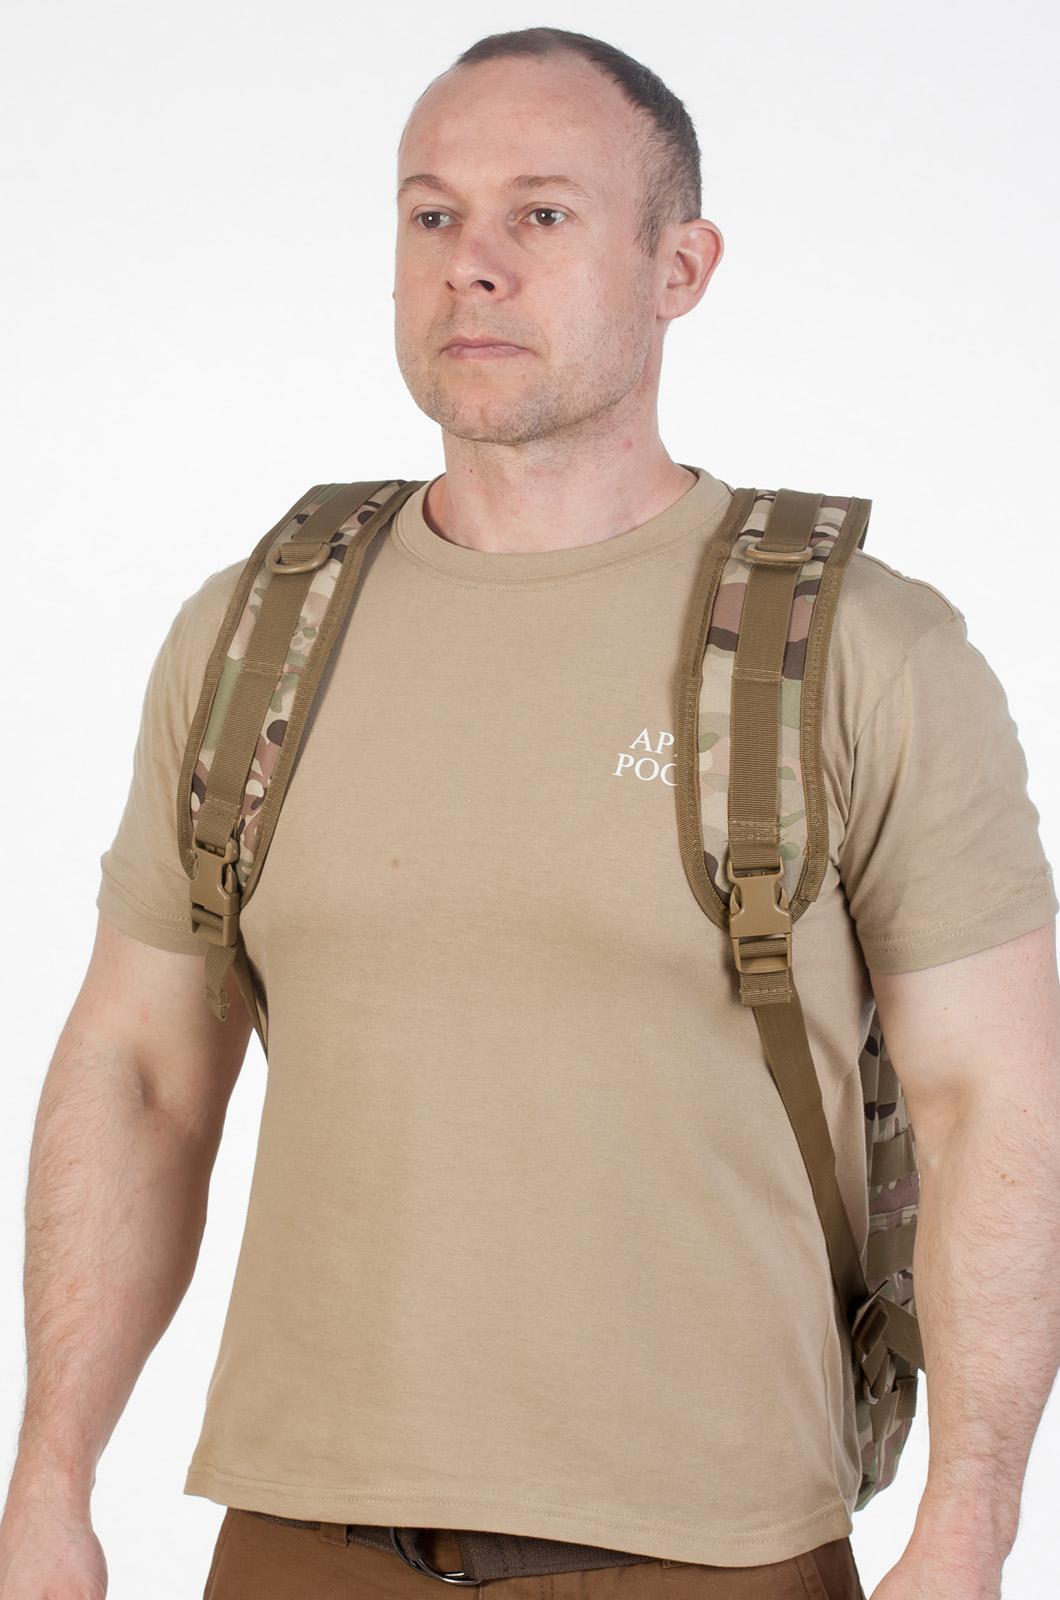 Тактический камуфляжный рюкзак Погранслужба - купить в подарок